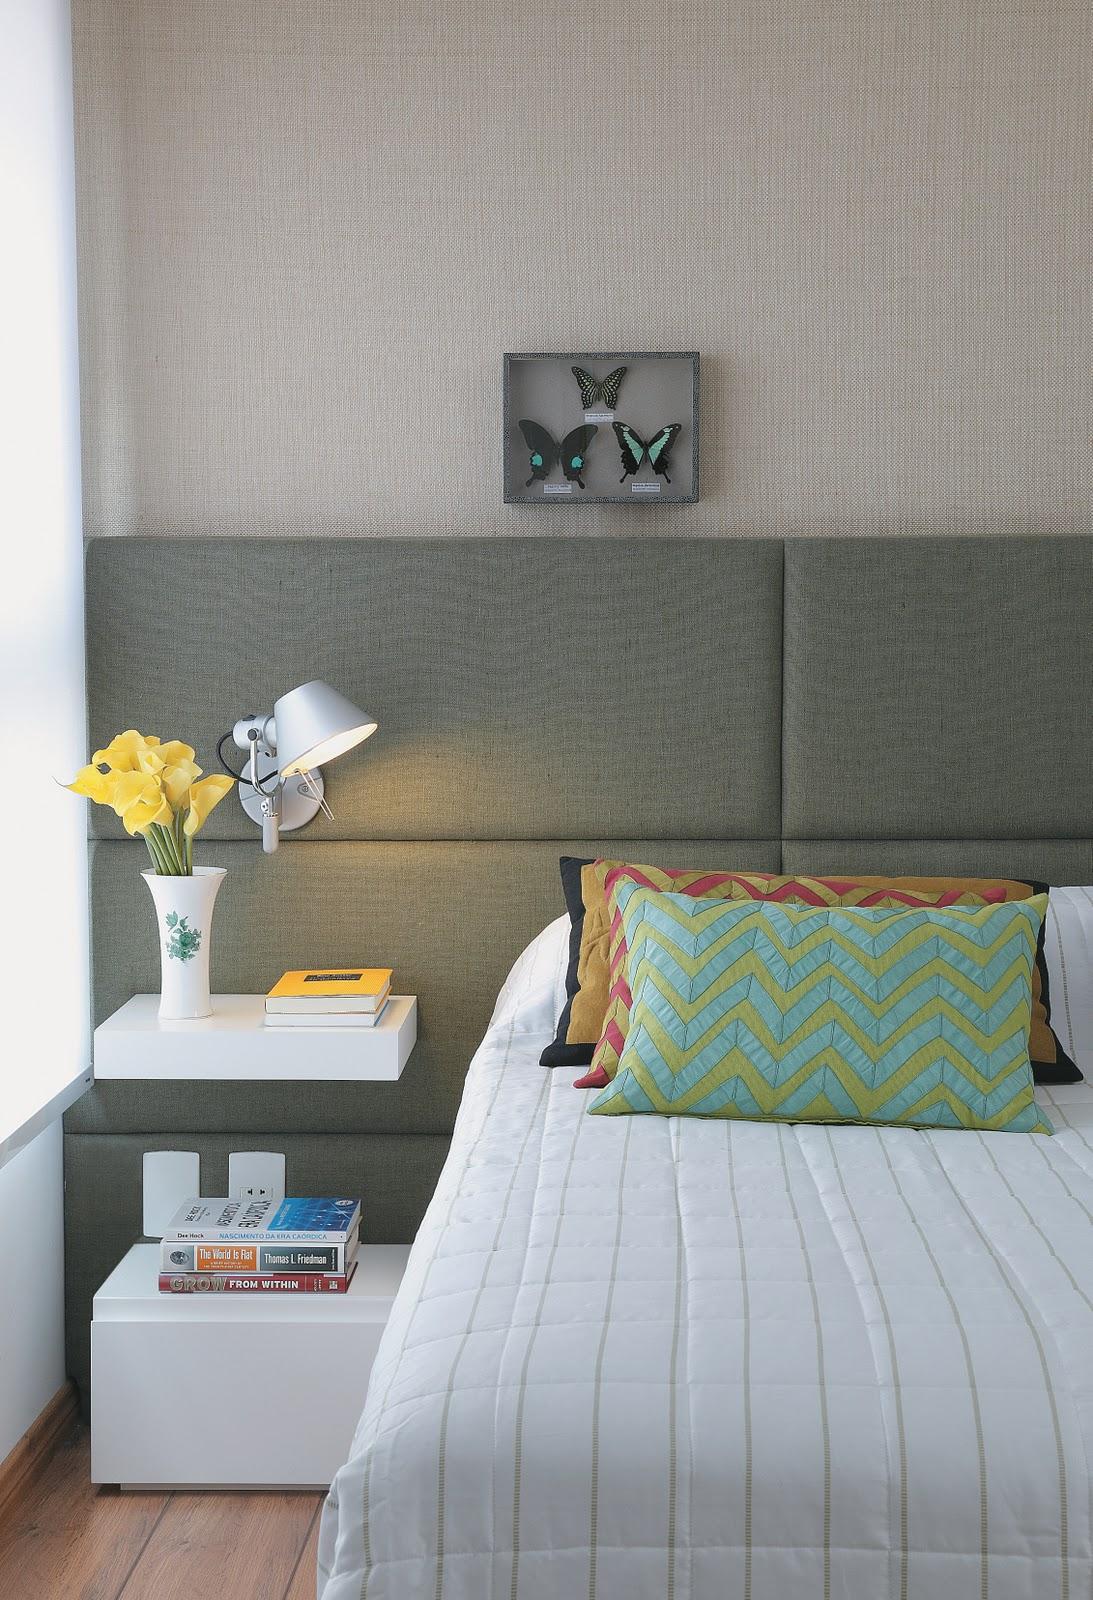 Ideias para decorar e aproveitar a parede da cabeceira #6A483D 1093 1600